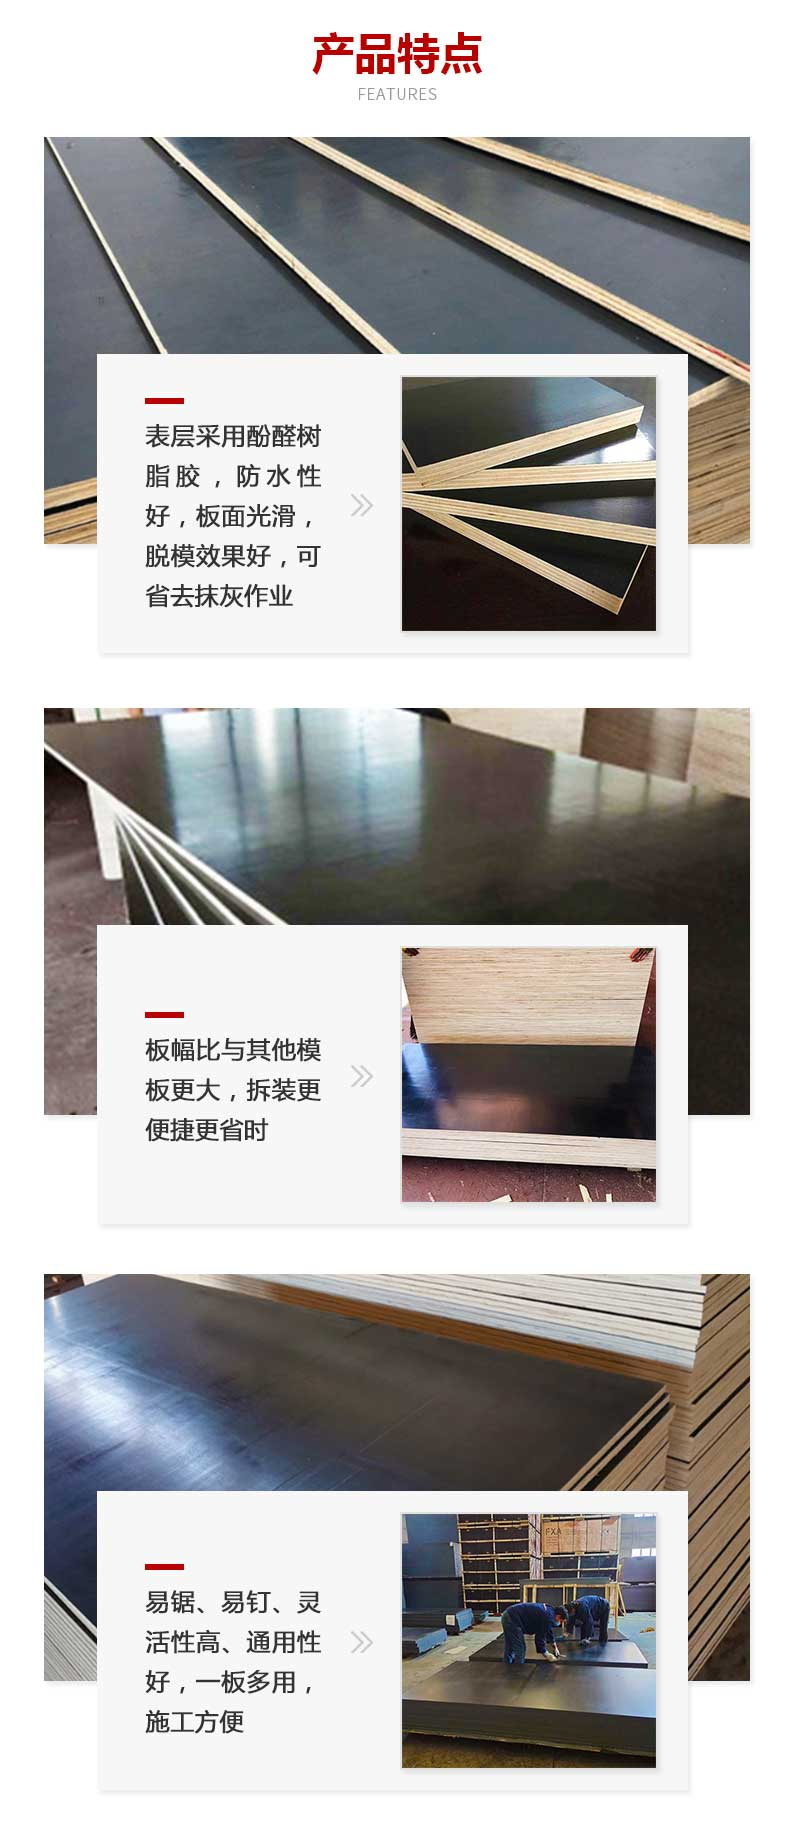 清水模板1.83*0.915*1.4金桥板业产品特点介绍